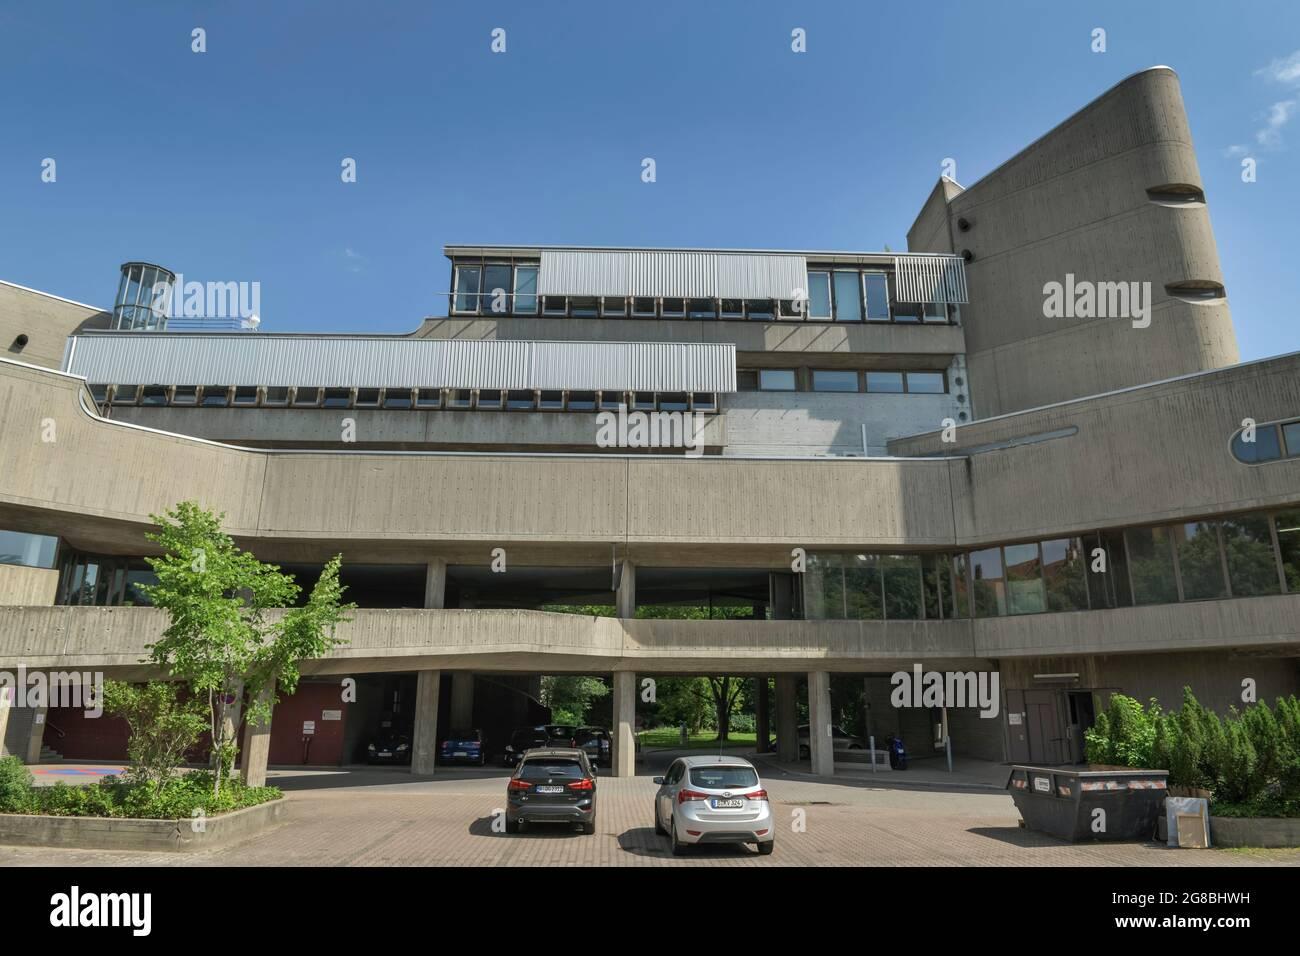 Charite, Institut für Hygiene und Umweltmedizin, Hindenburgdamm, Lichterfelde, Berlin, Deutschland Stock Photo